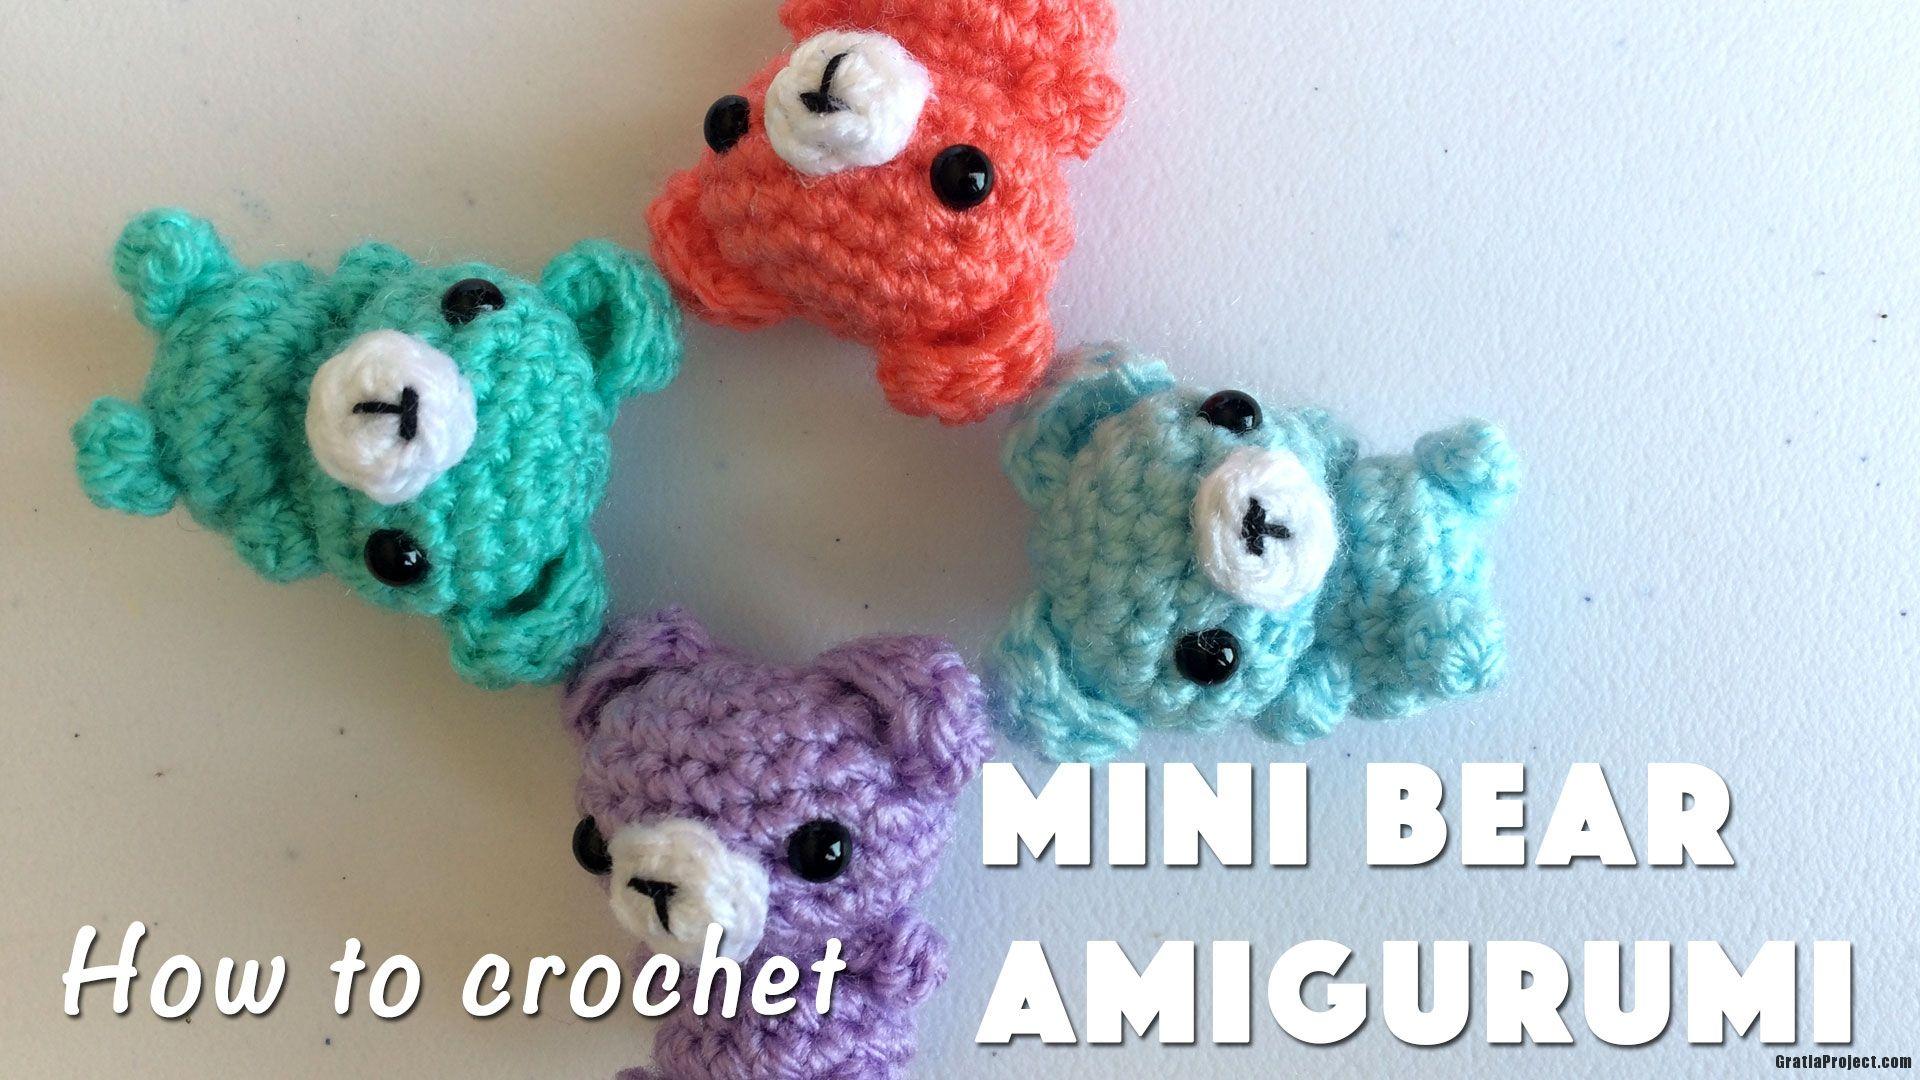 Mini Bear Amigurumi Crochet Pattern | Crochet patterns amigurumi ... | 1080x1920